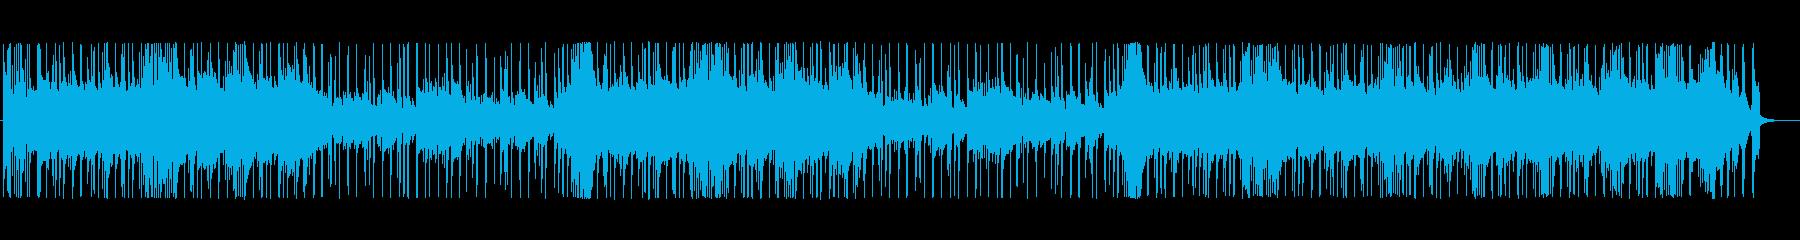 ファンキーでメロディック。ポップフ...の再生済みの波形